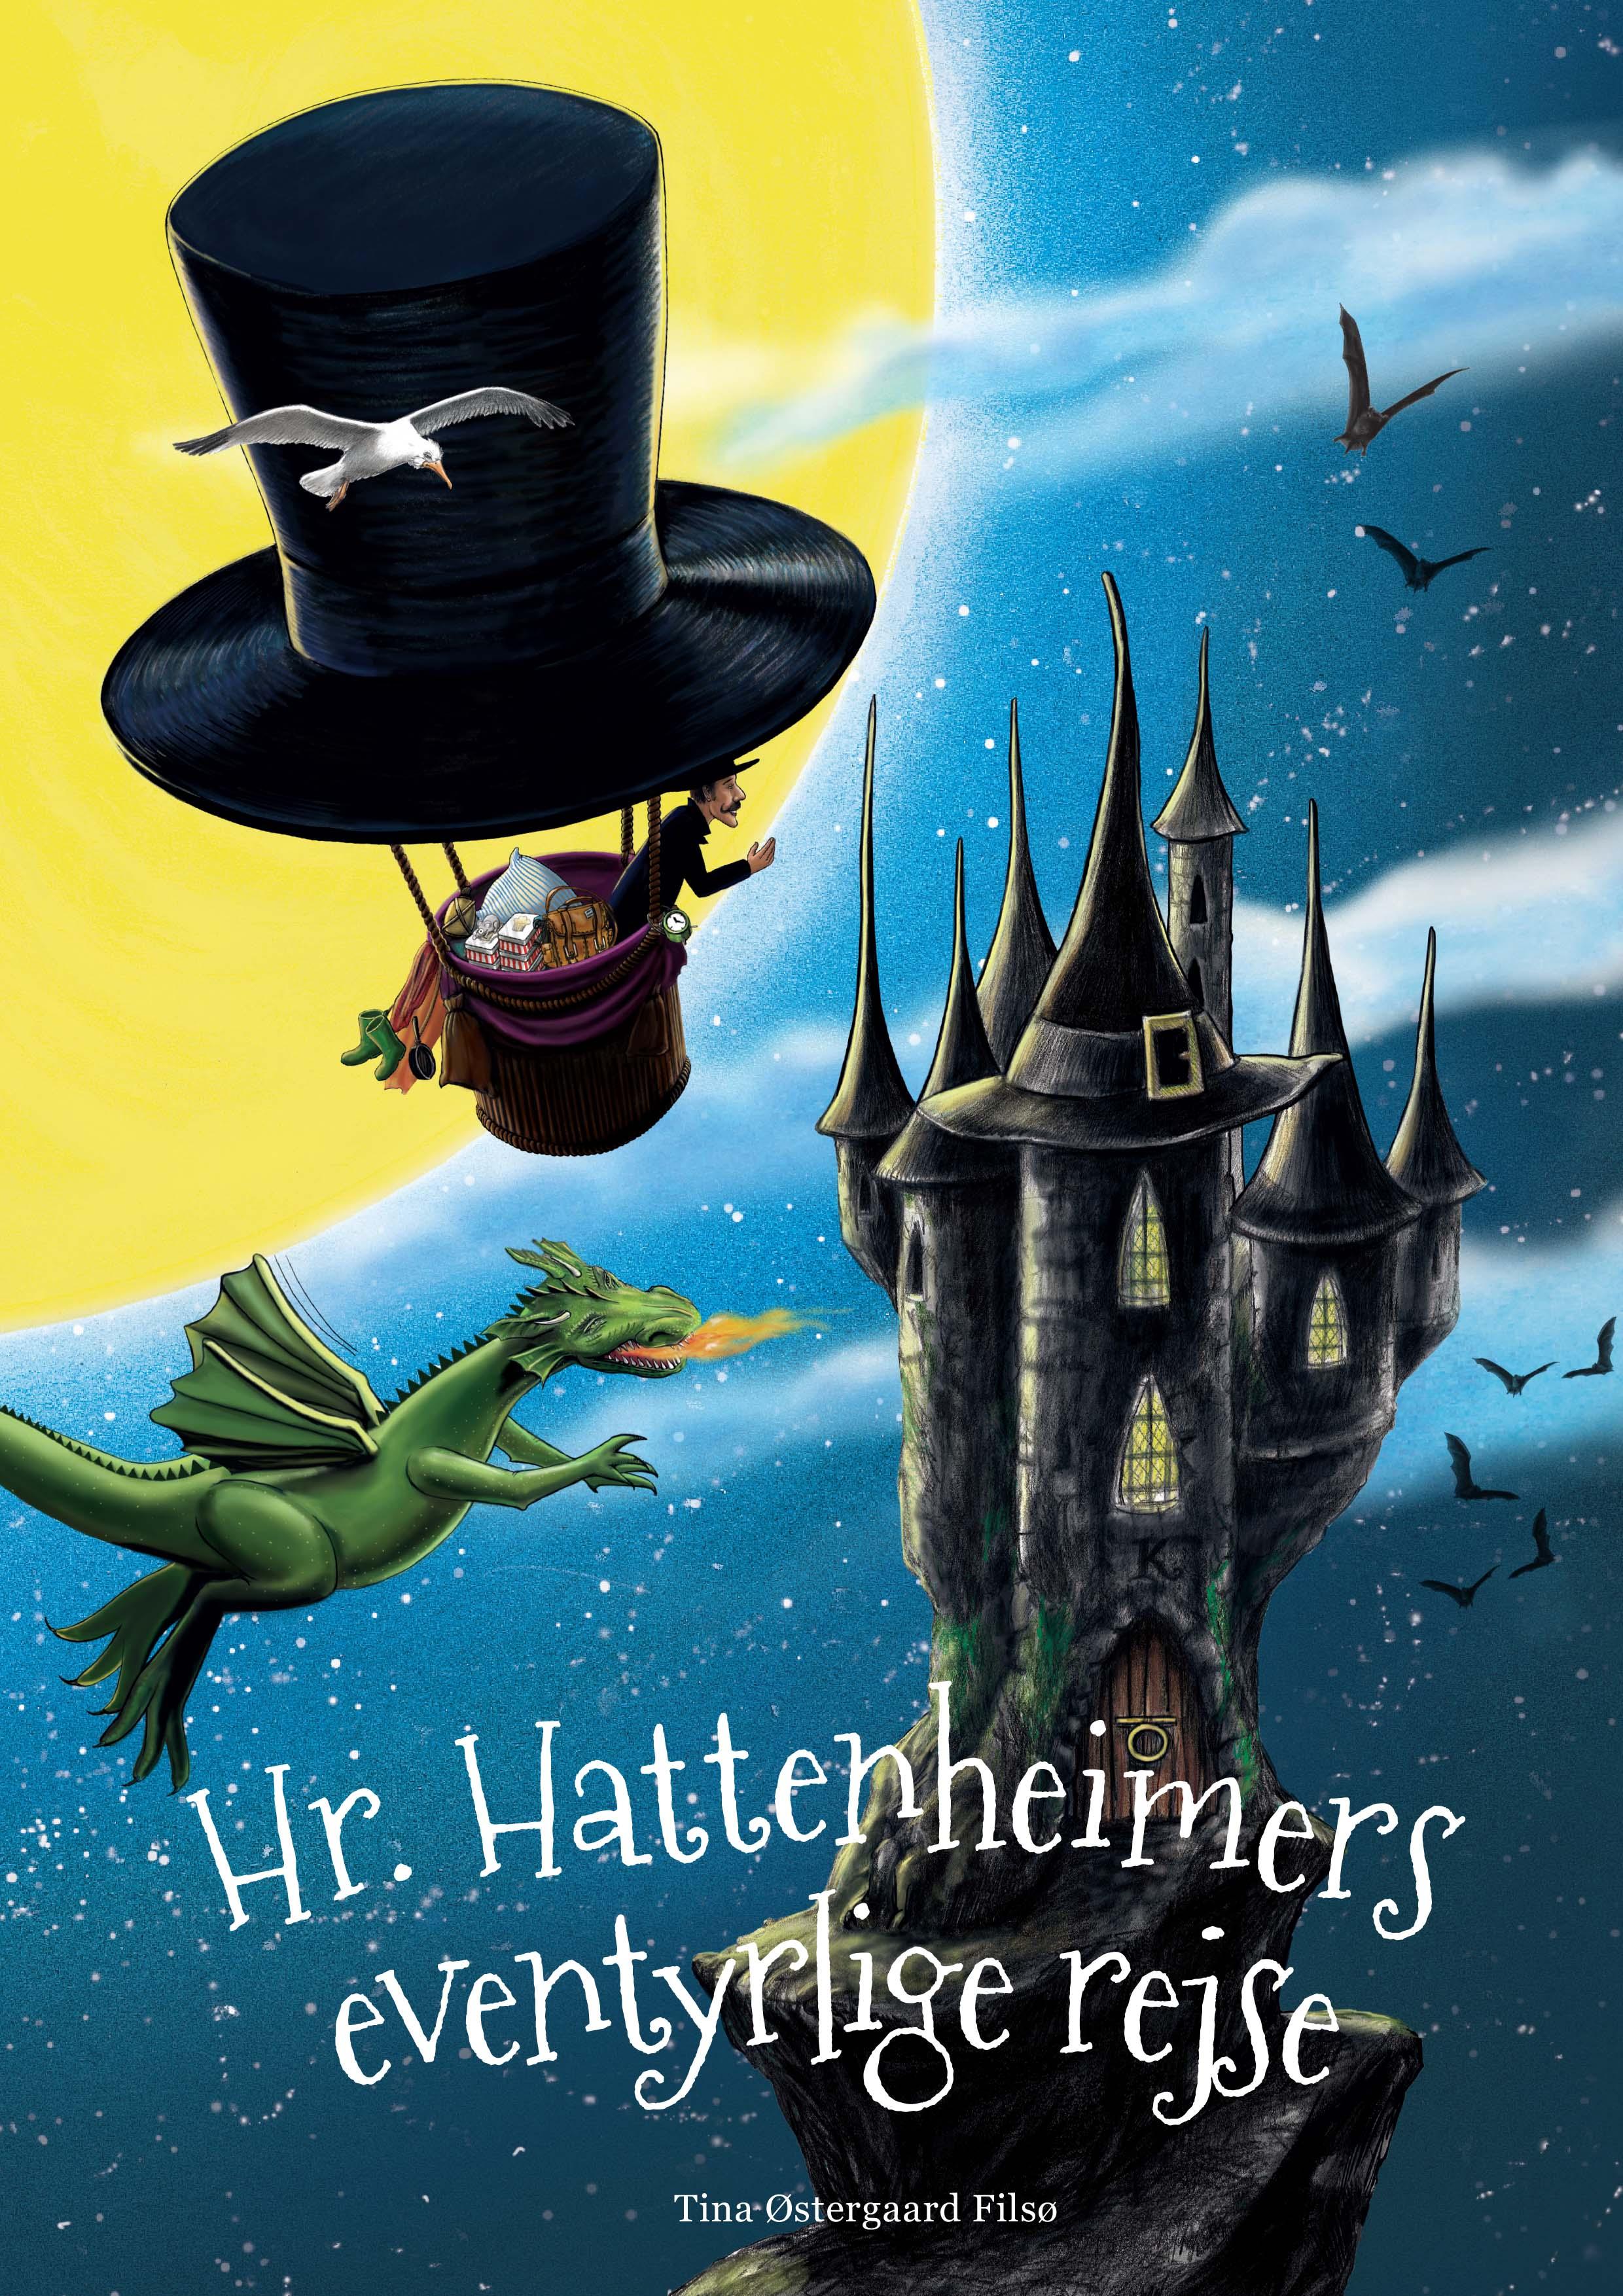 Hr. Hattenheimers eventyrlige rejse - Tina Østergaard Filsø - Bøger - DreamLitt - 9788771713435 - 7/6-2019